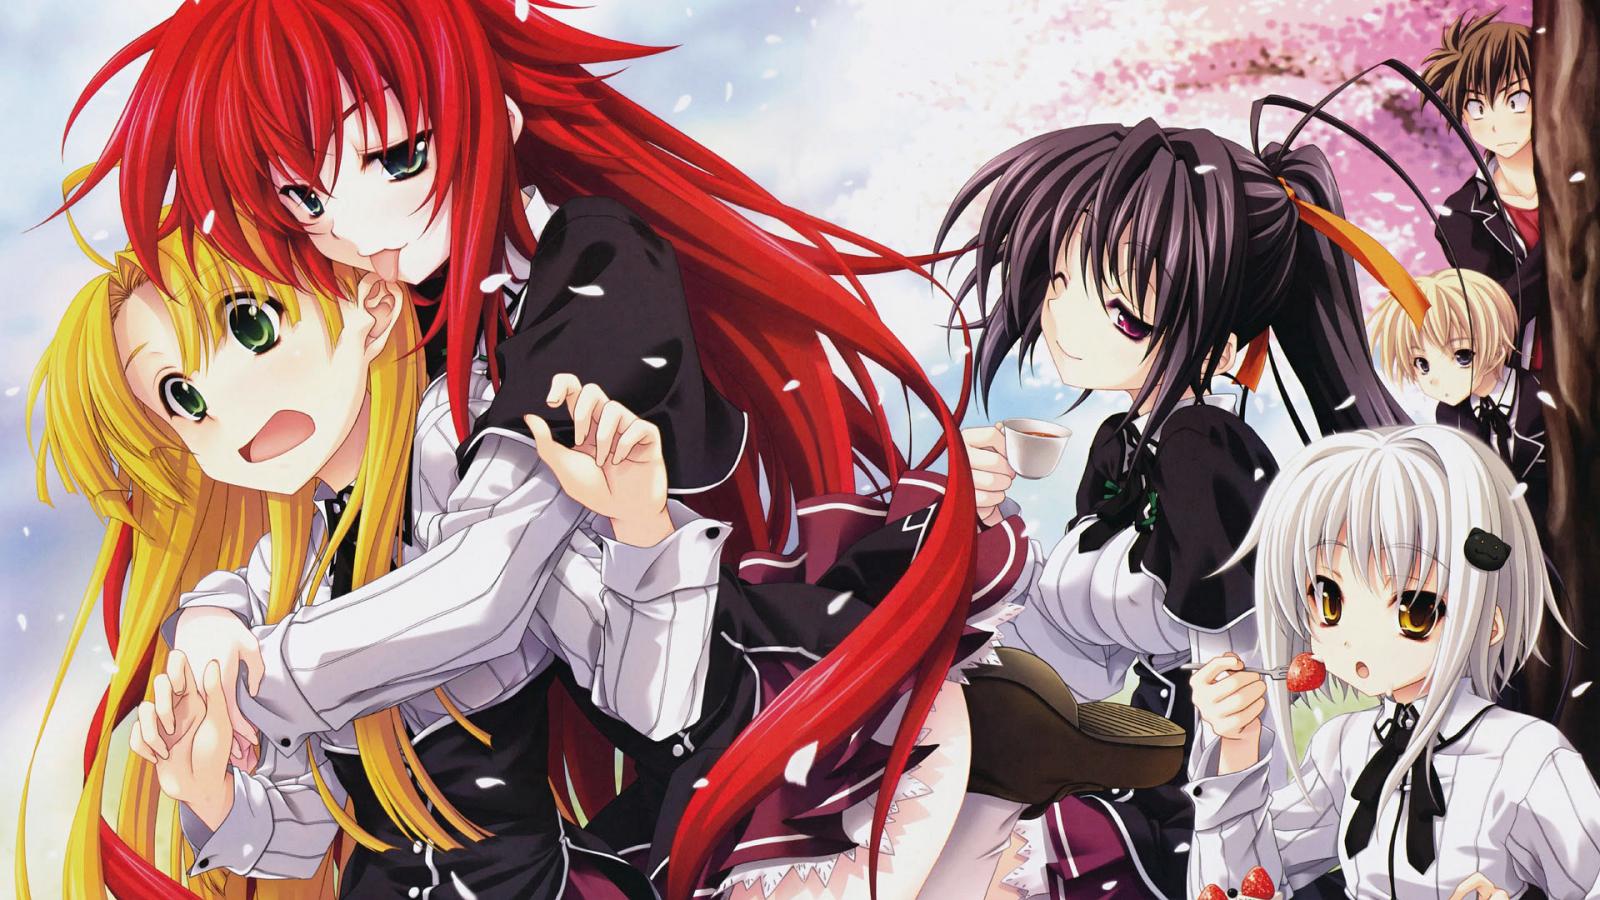 Wallpaper : illustration, anime girls, artwork, Highschool ...